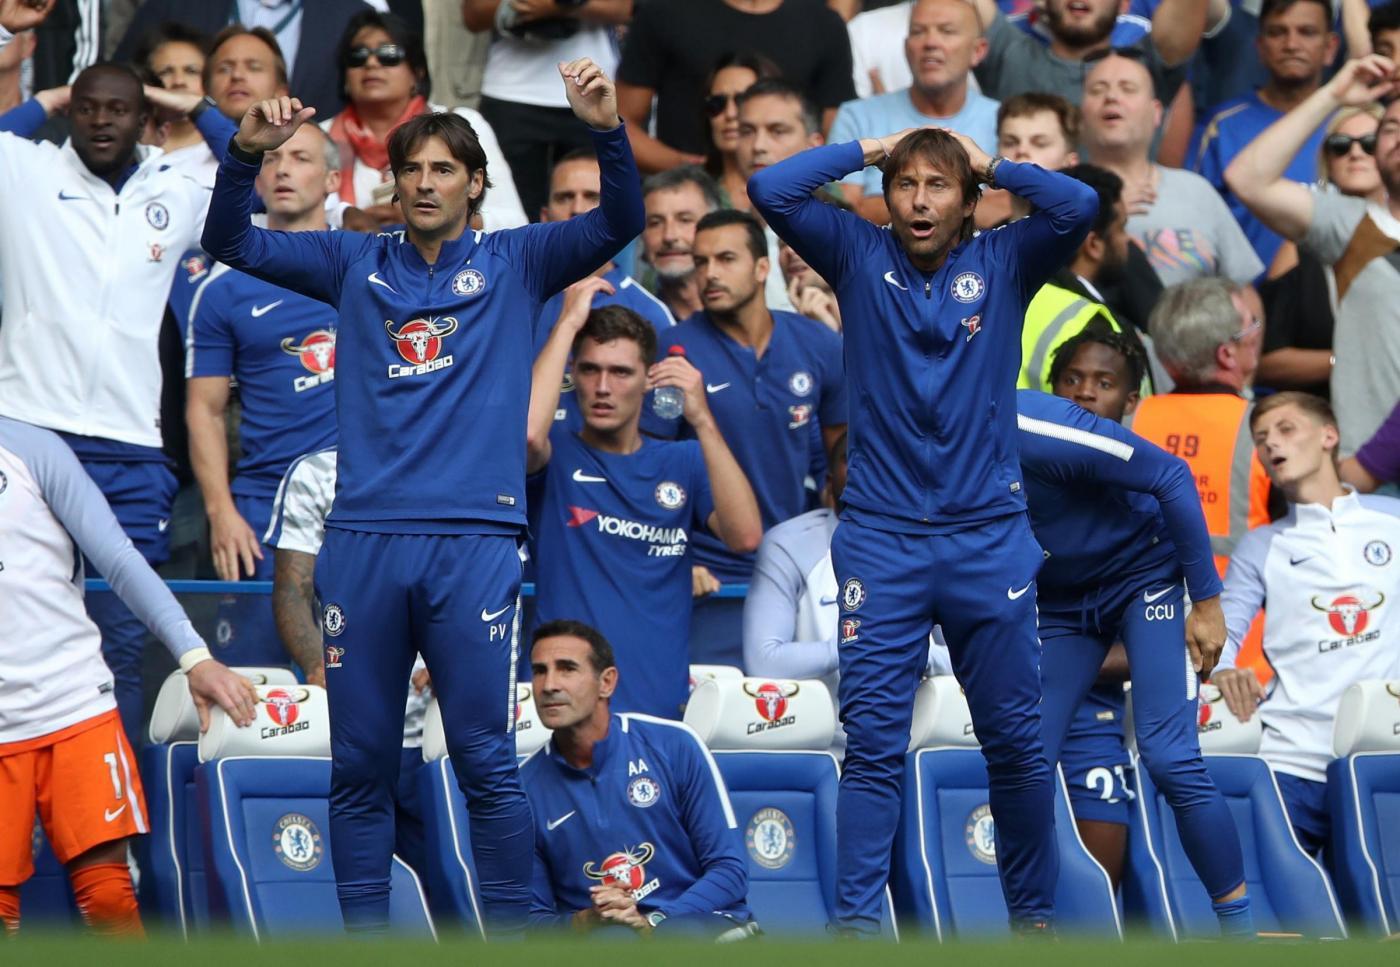 Bild: il Chelsea esonera Conte, c'è già il sostituto. Anche alla Juve